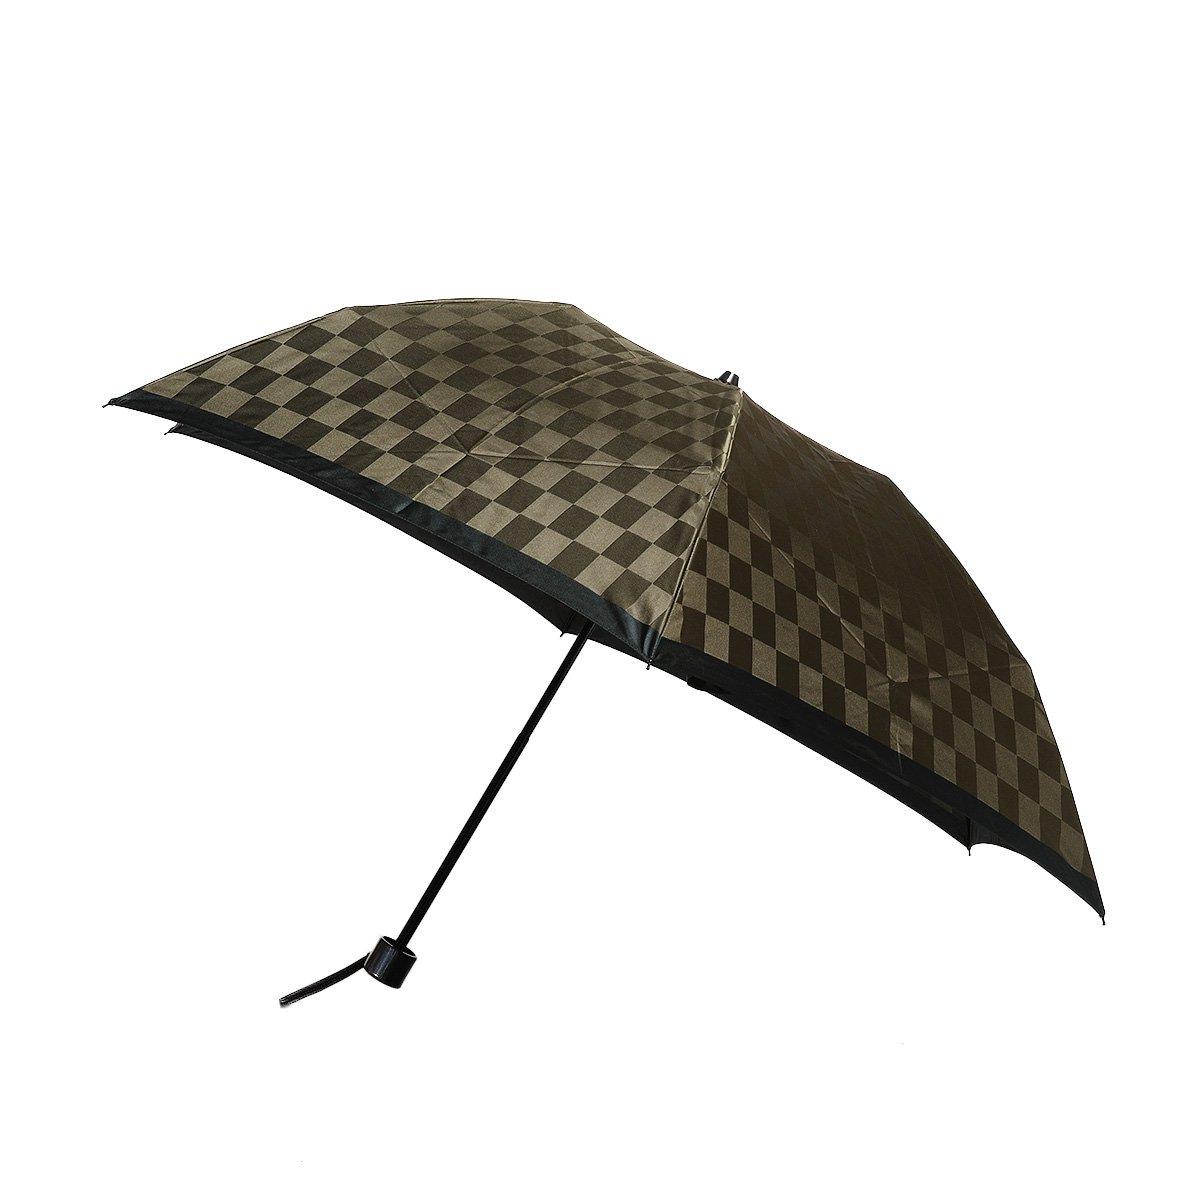 市松柄 折りたたみ傘 詳細画像5